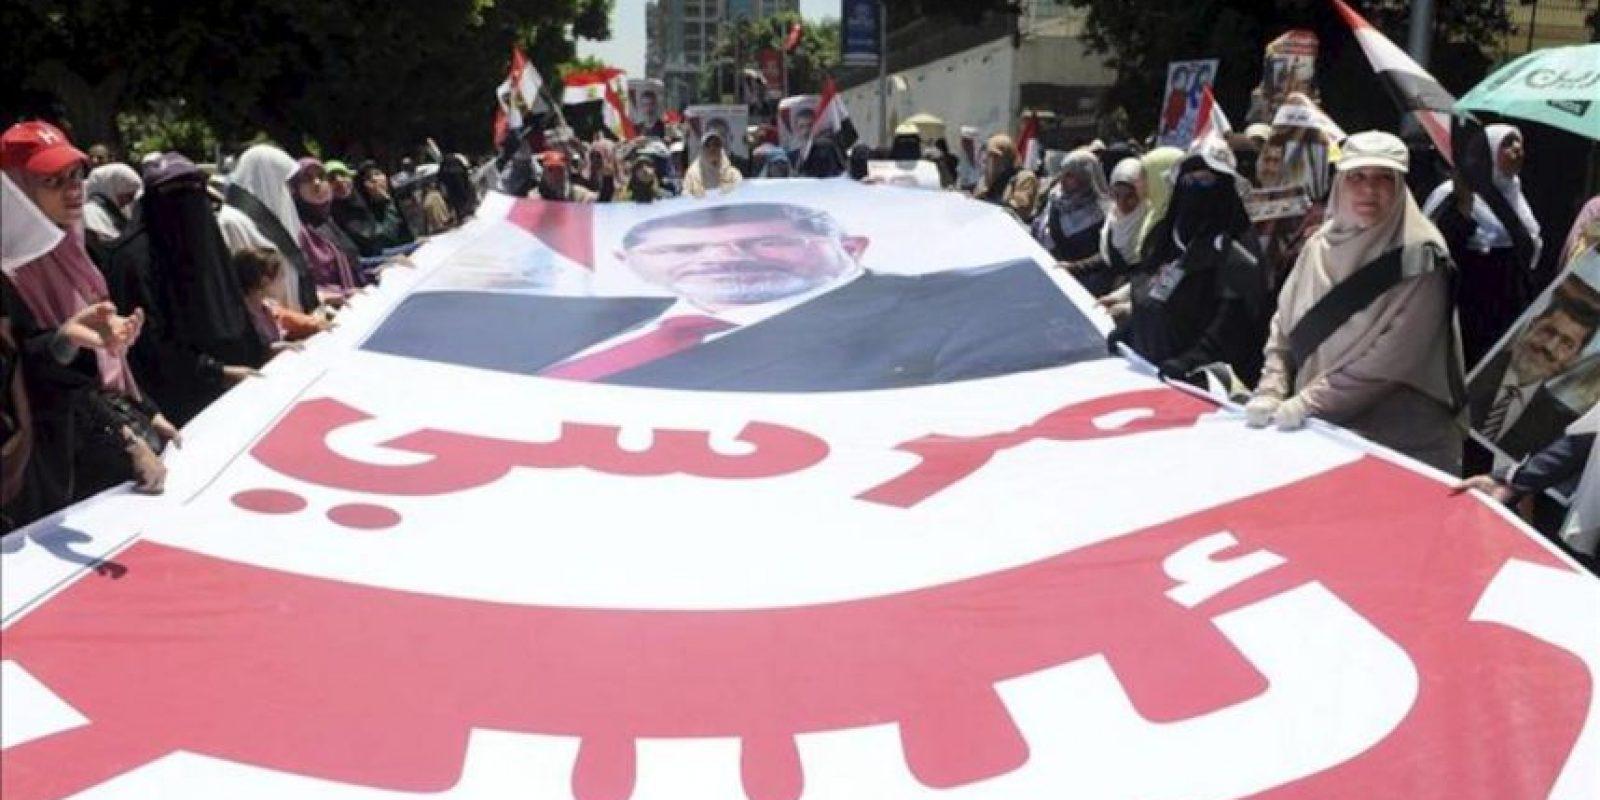 Seguidores del depuesto presidente Mohamed Mursi participan en una protesta para pedir su liberación, cerca de la Universidad de El Cairo en Giza, Egipto, el 30 de julio de 2013. EFE